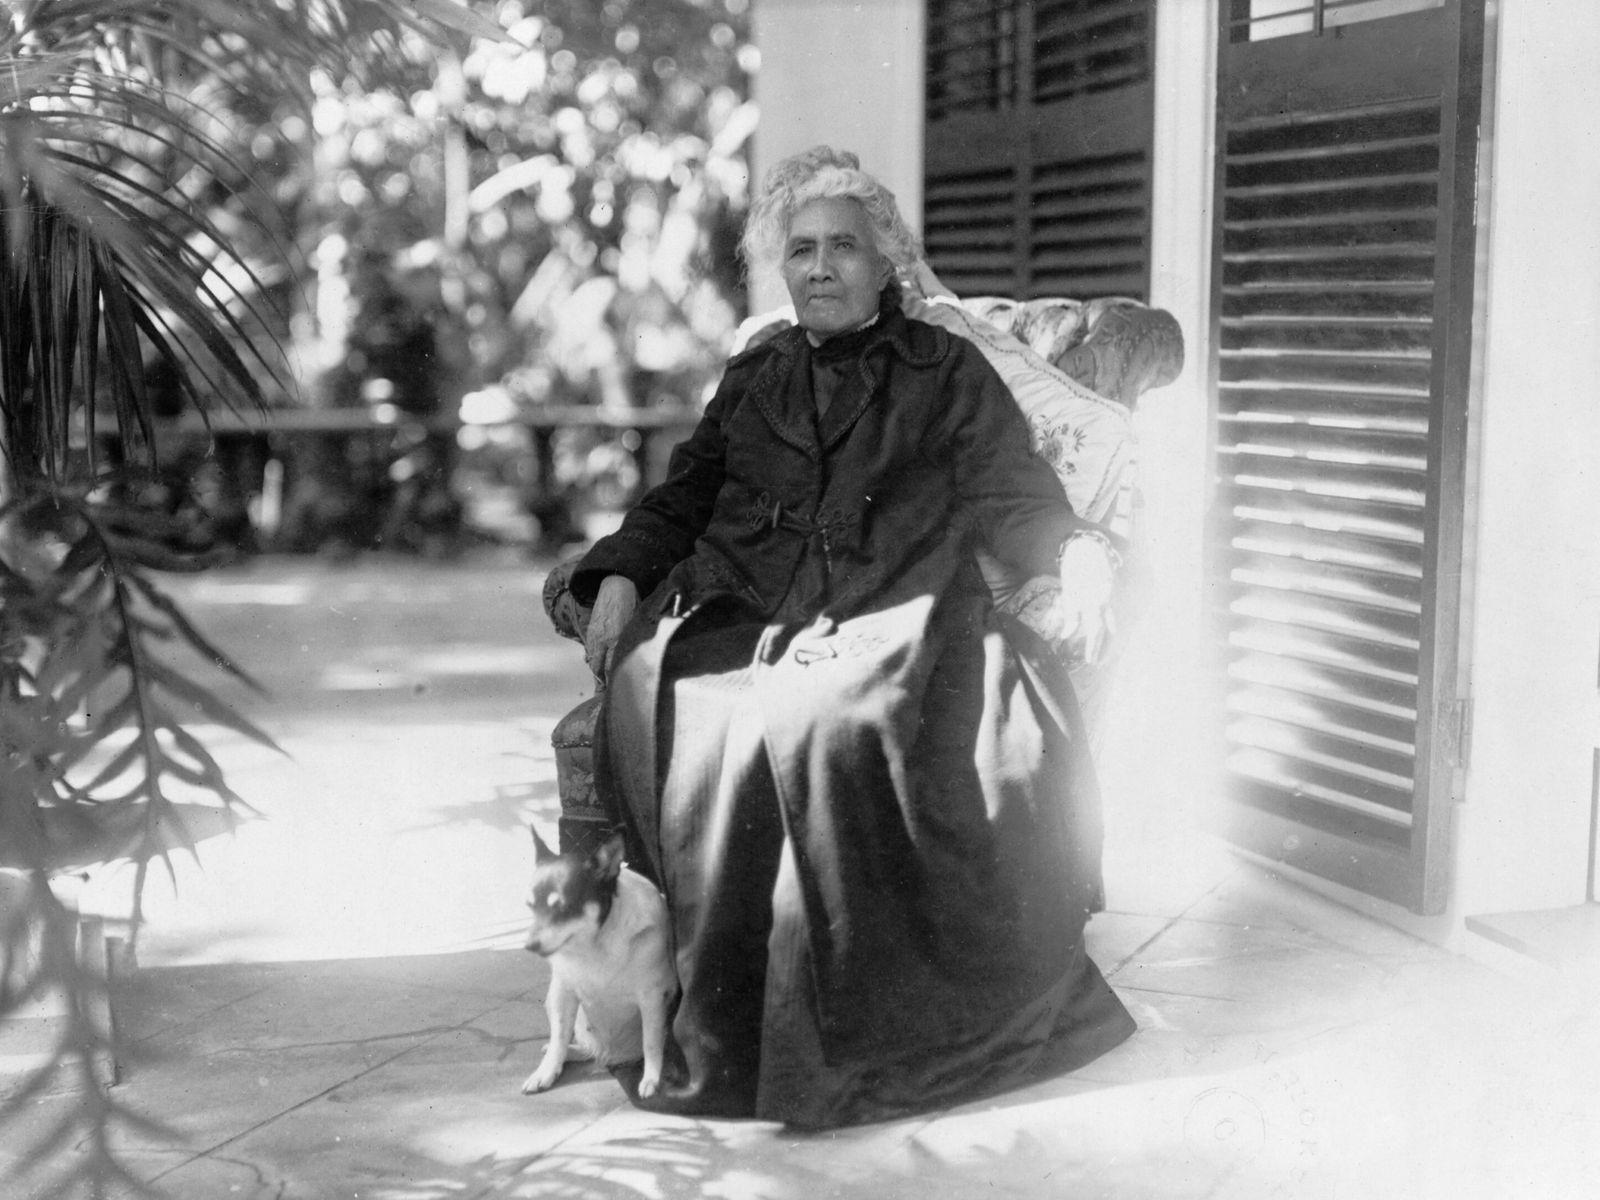 Liliuokalani, Queen of Hawaii